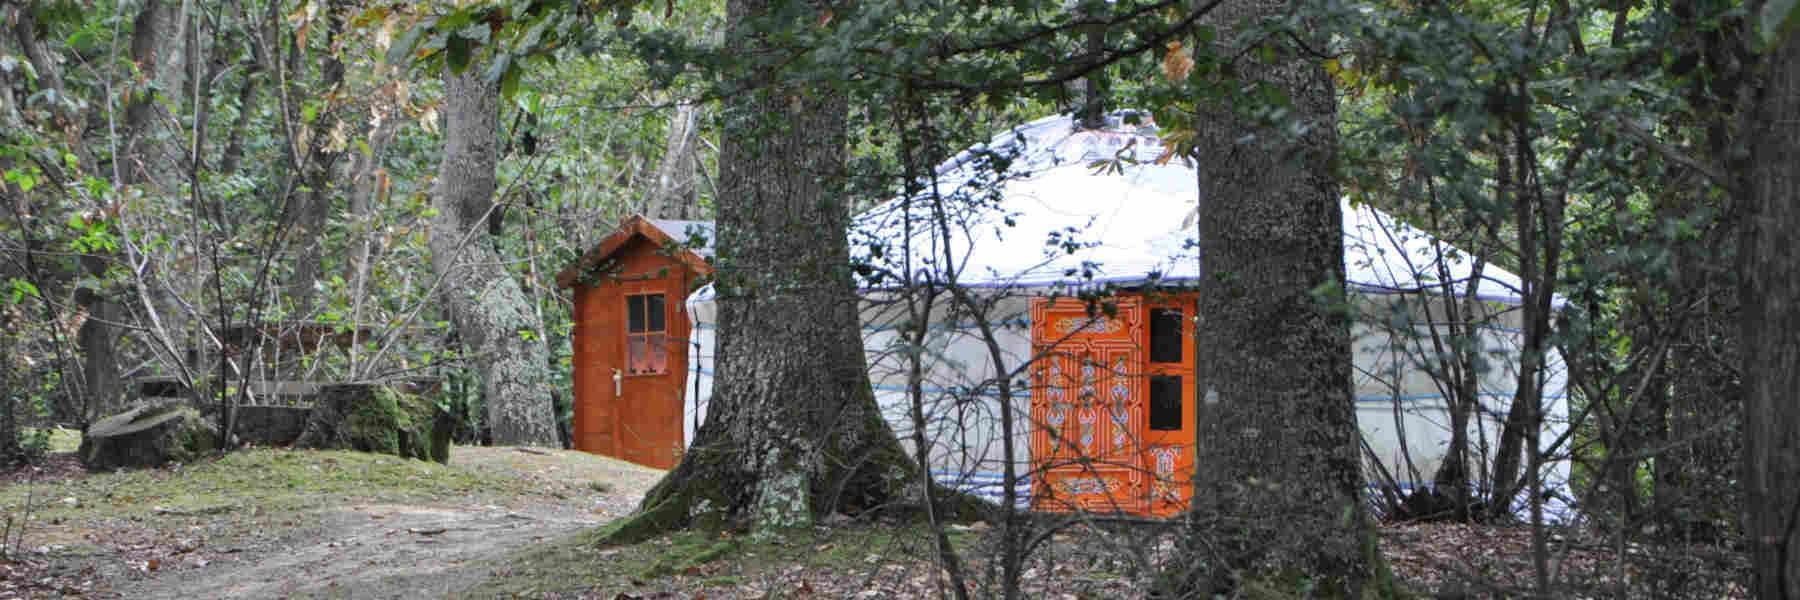 Dormir aux yourtes du bois d'Escoumos